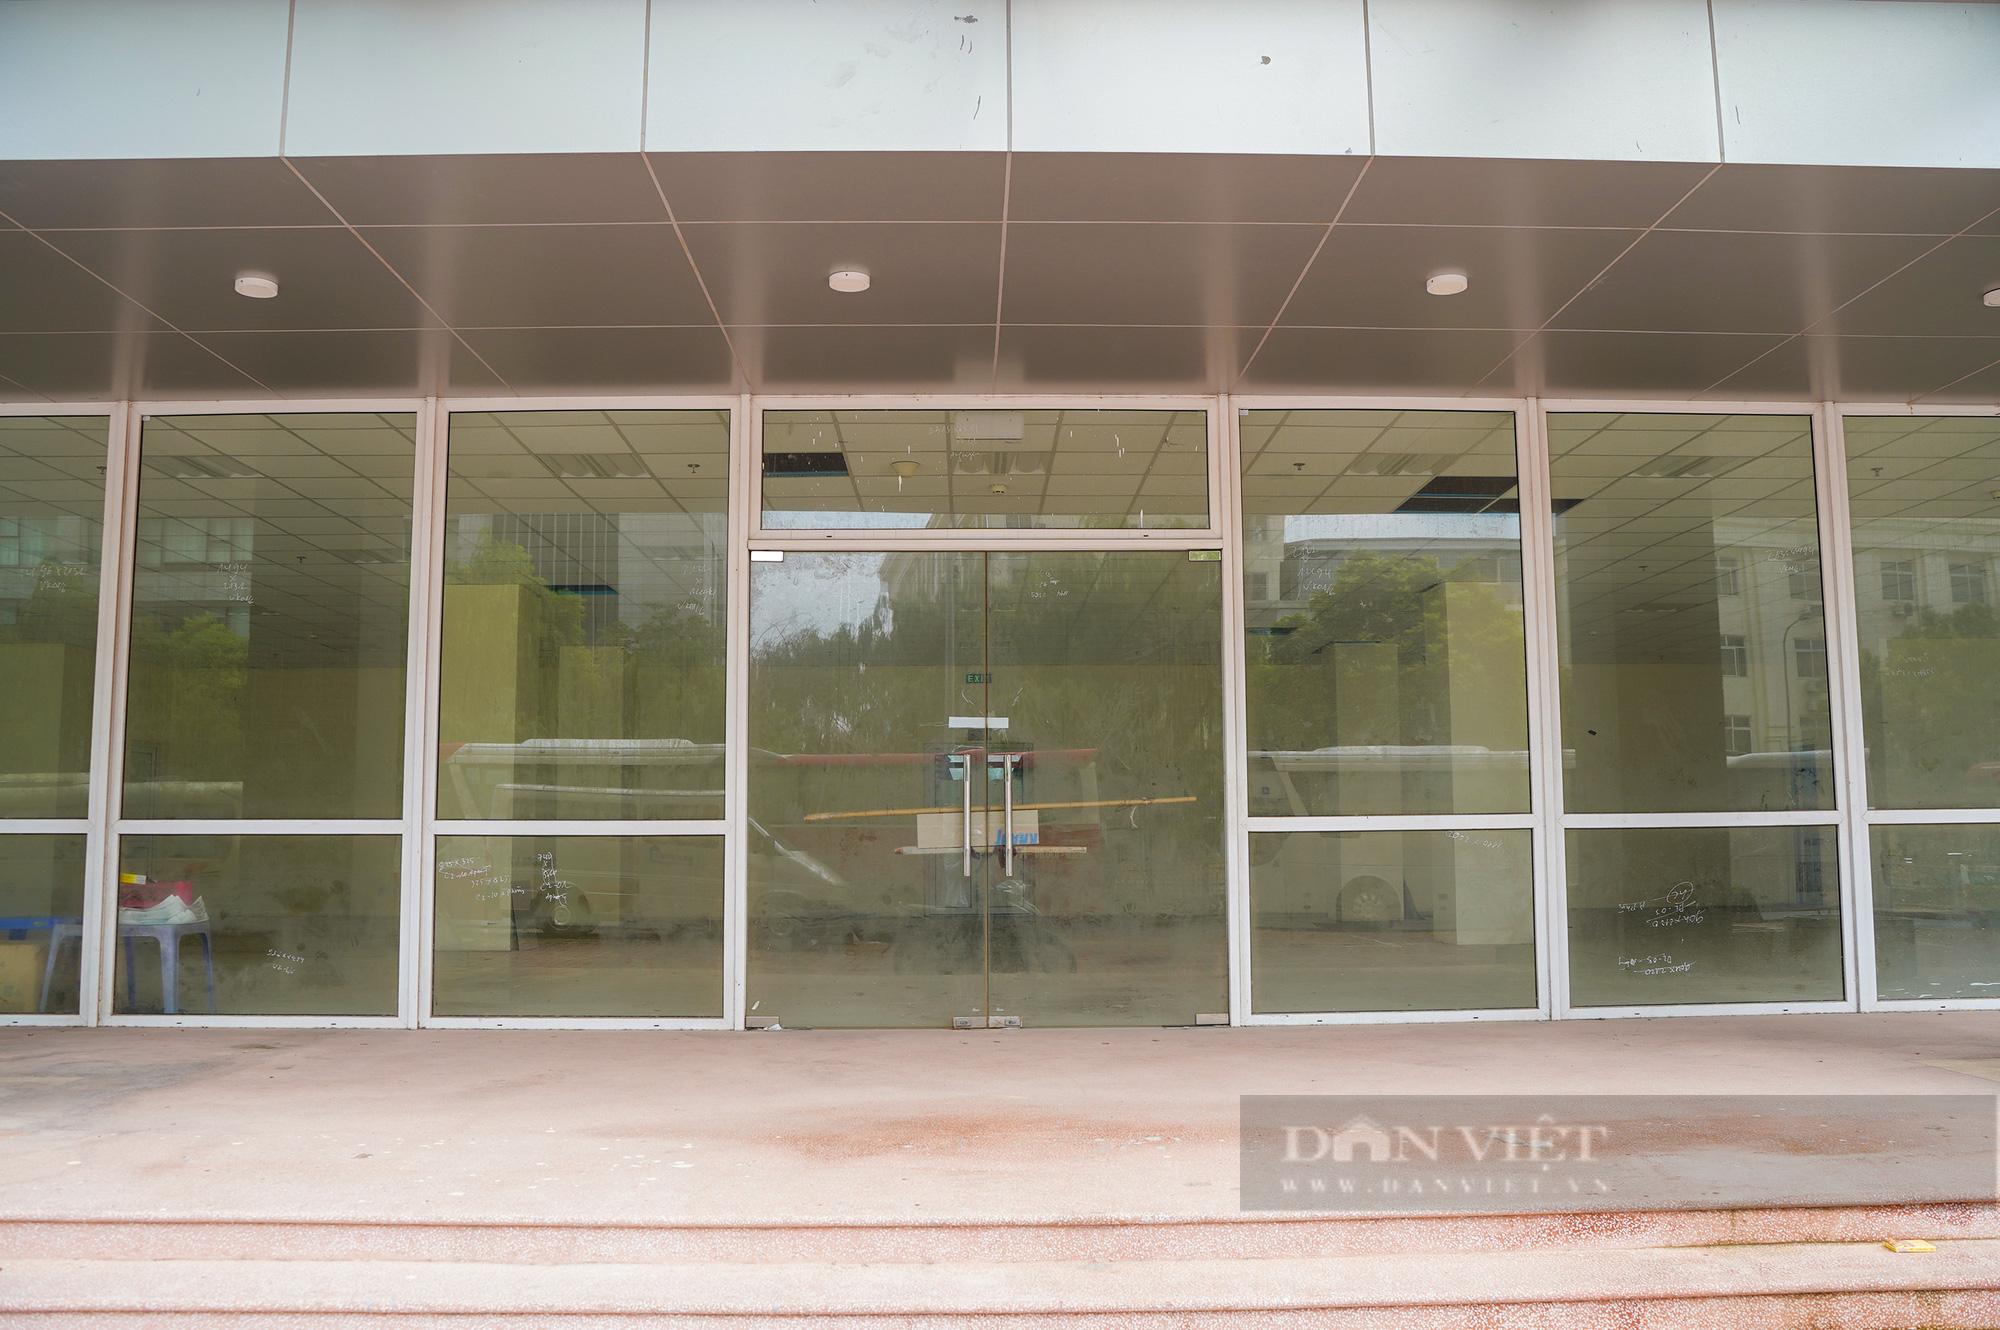 Điểm qua các khu nhà tái định cư được trưng dụng là bệnh viện dã chiến tại Hà Nội - Ảnh 7.